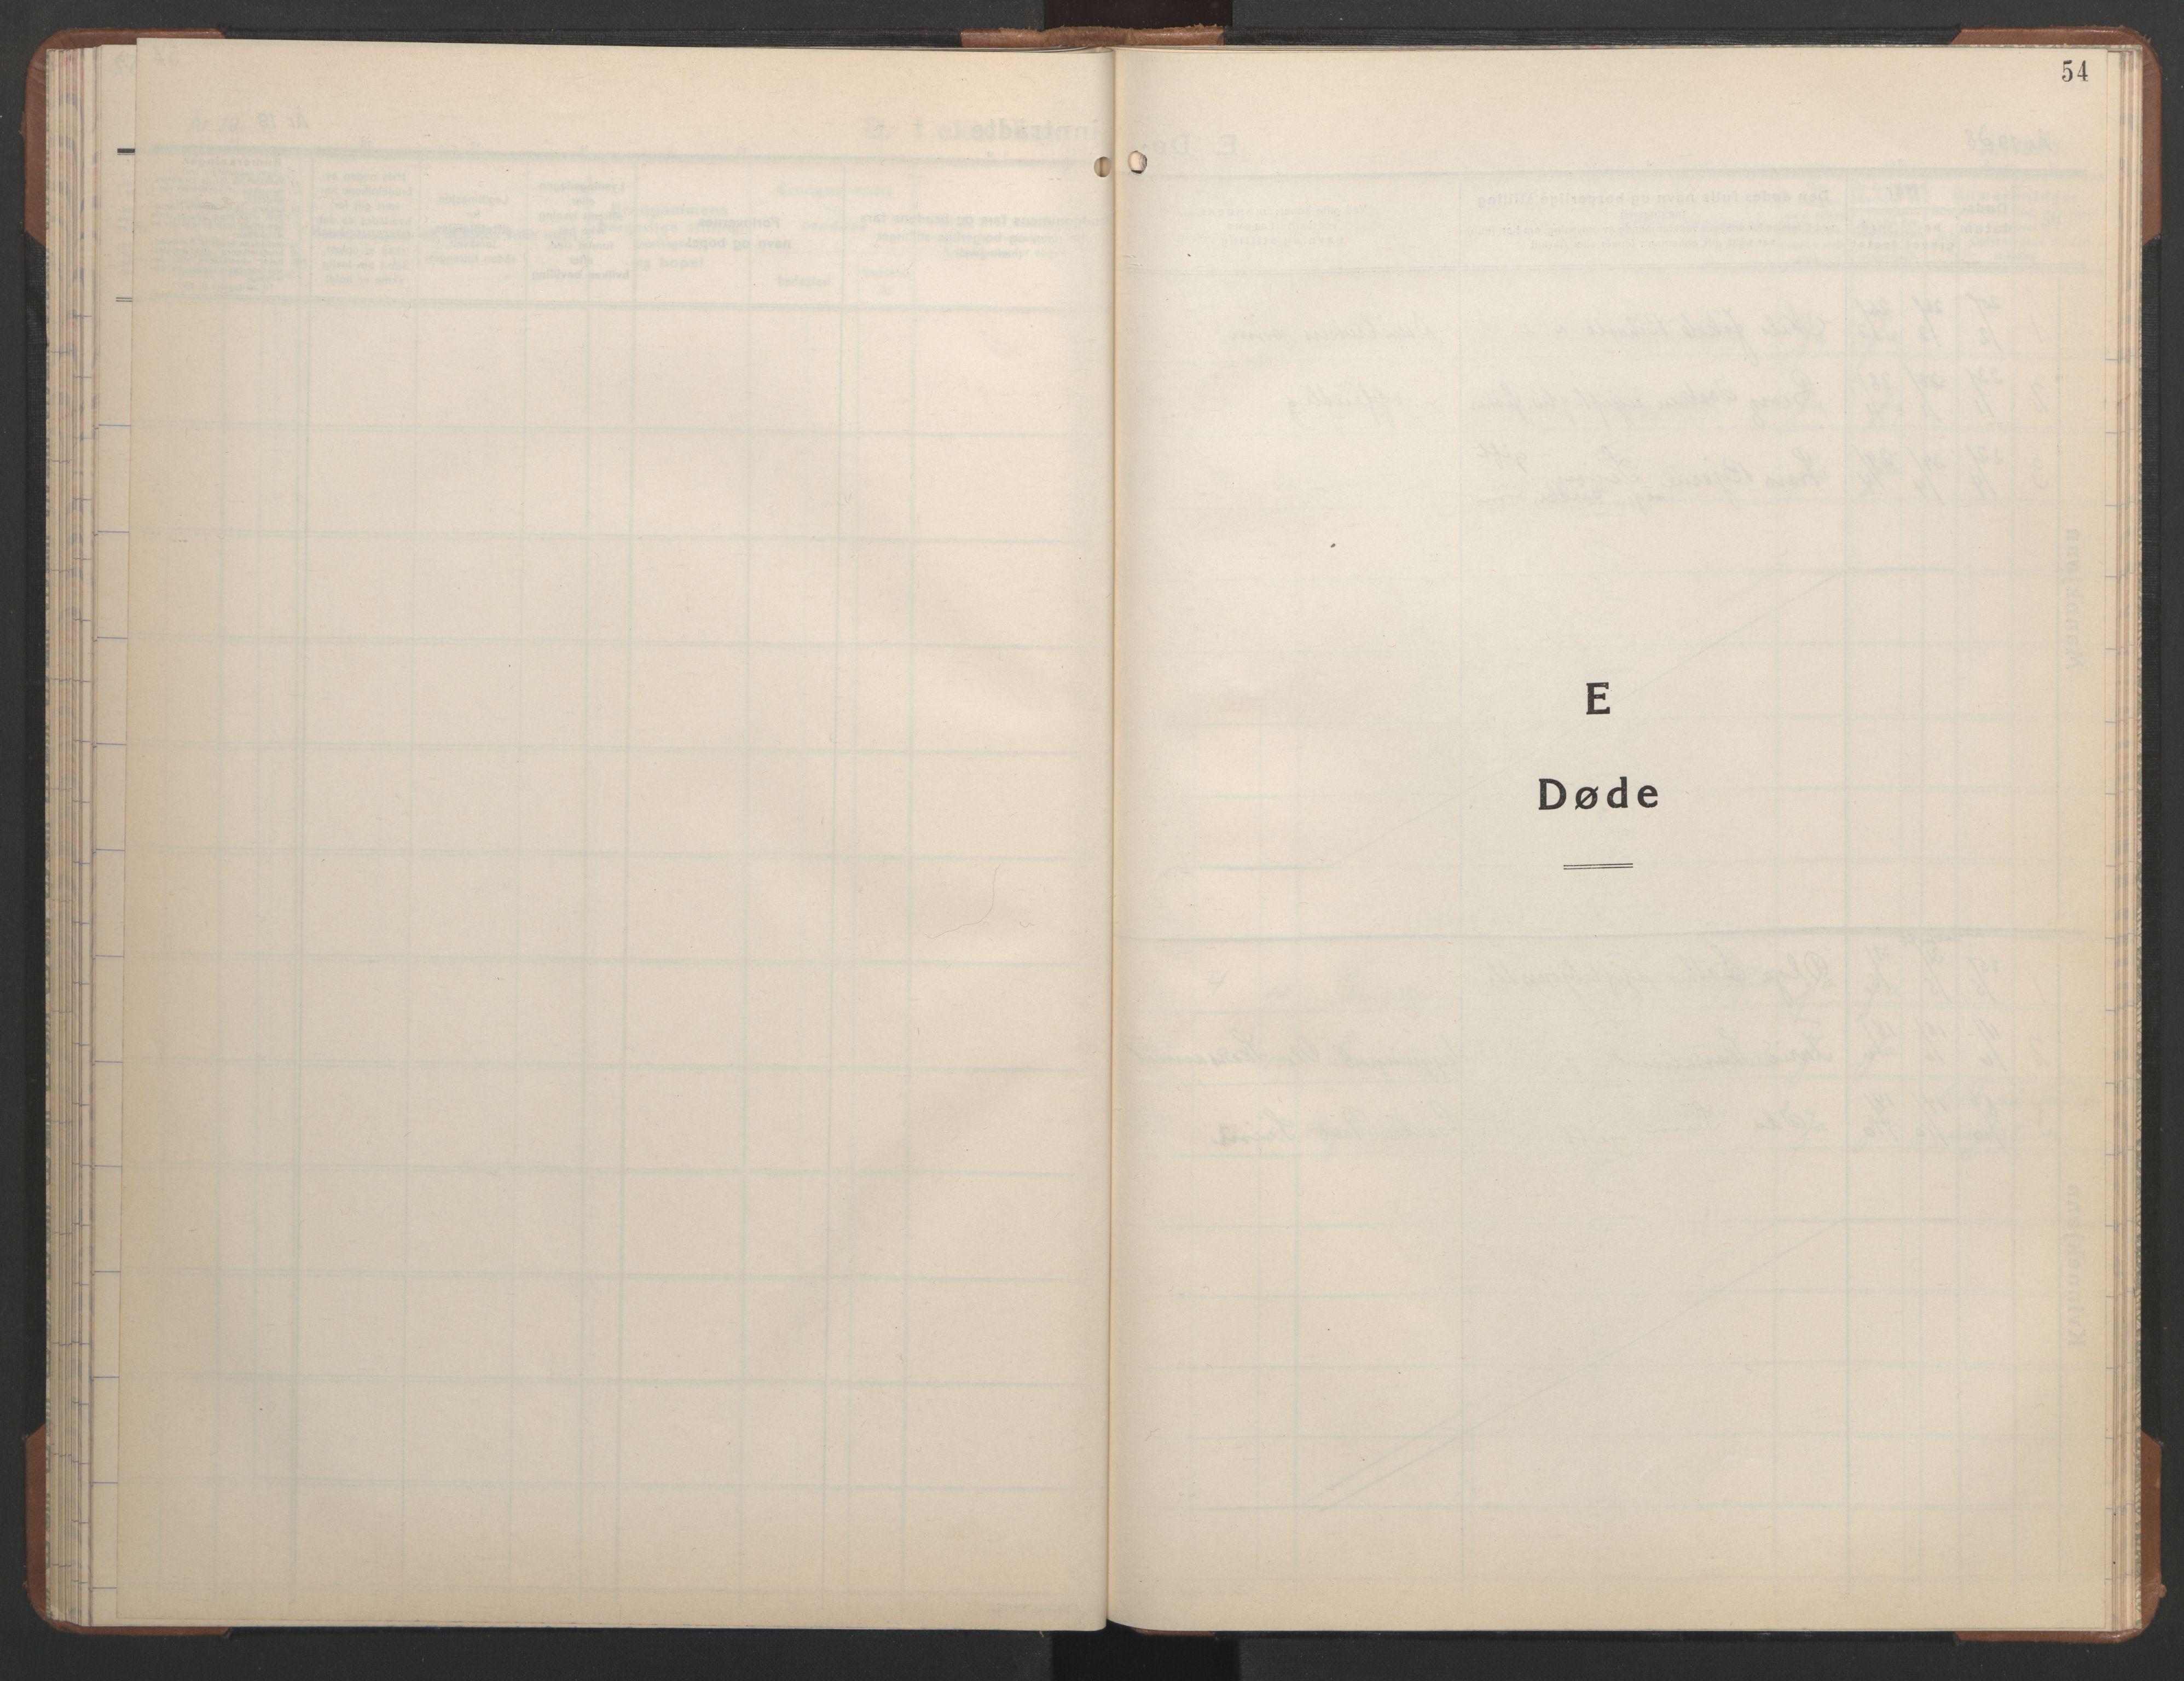 SAT, Ministerialprotokoller, klokkerbøker og fødselsregistre - Sør-Trøndelag, 608/L0343: Klokkerbok nr. 608C09, 1938-1952, s. 54